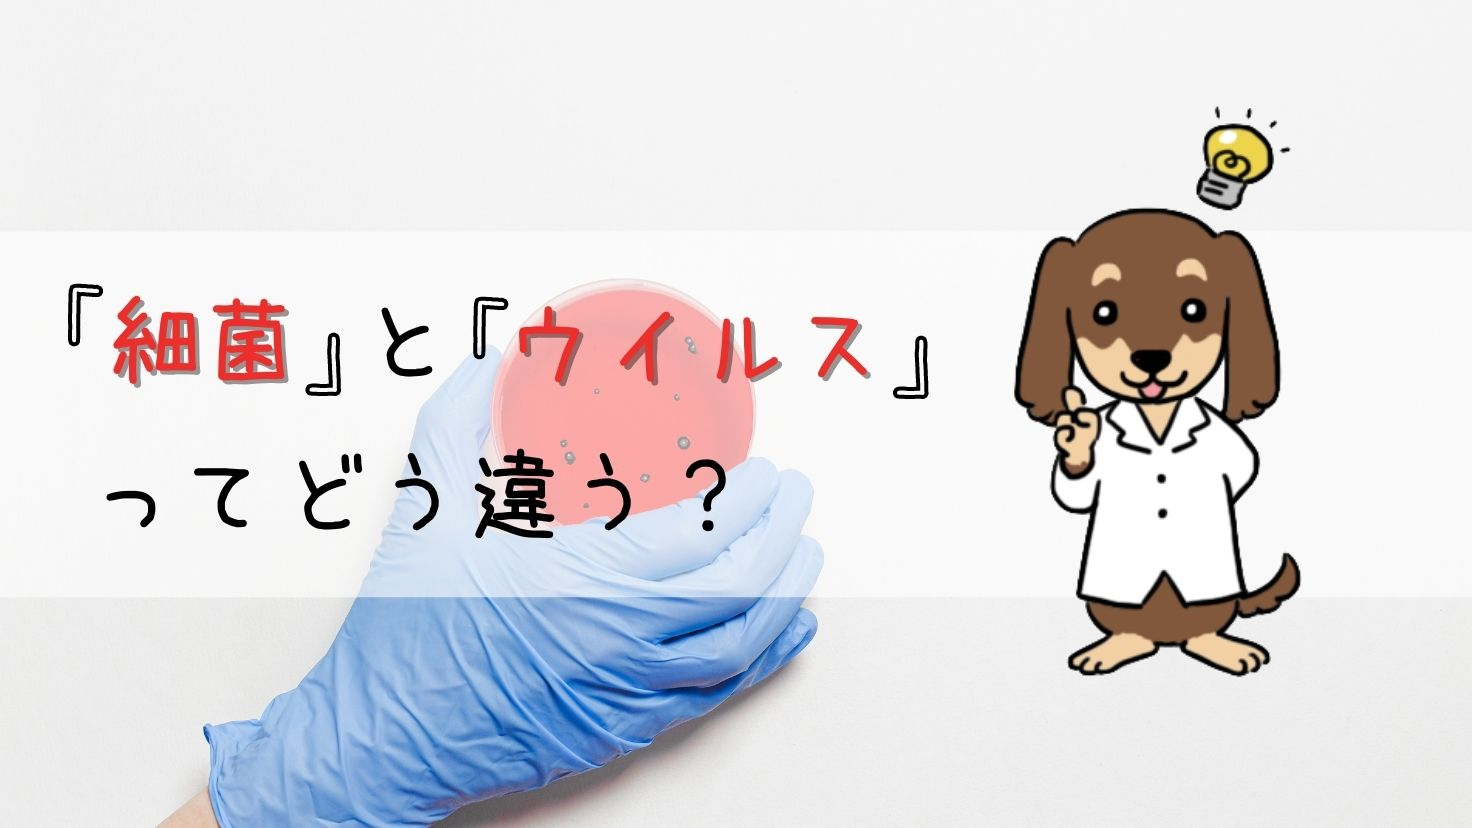 細菌とウイルスのアイキャッチ画像